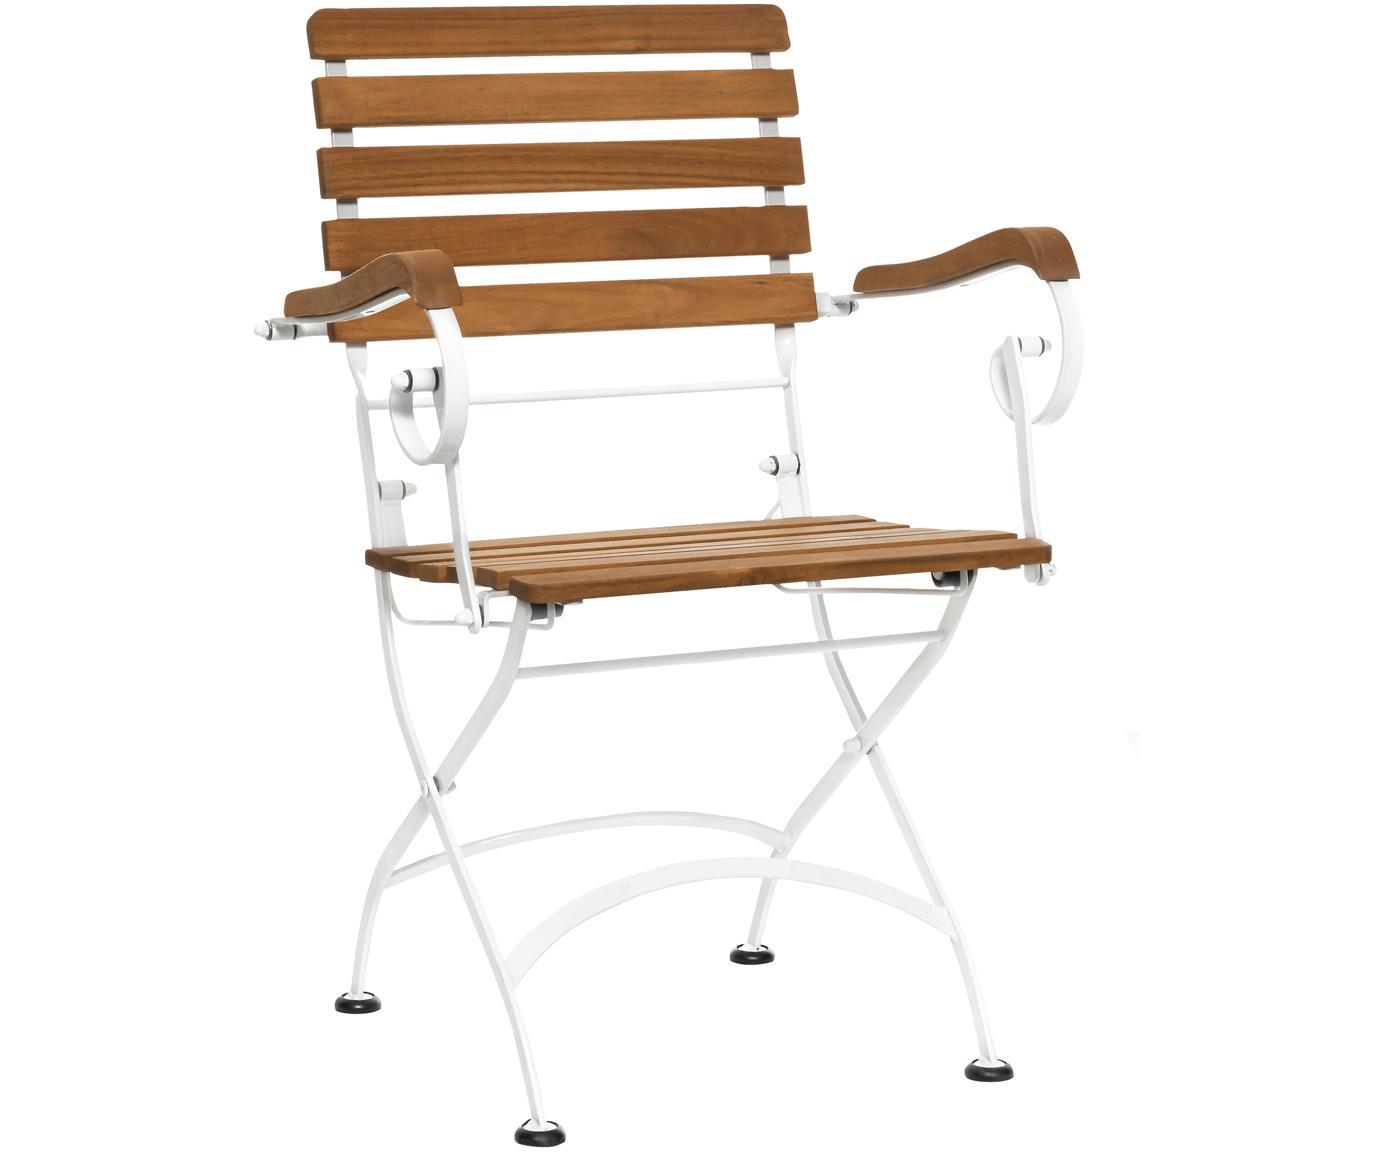 Sedia pieghevole con braccioli Parklife 2 pz, Seduta: legno di acacia, oliato, , Struttura: metallo zincato, vernicia, Bianco, legno d'acacia, Larg. 59 x Prof. 52 cm